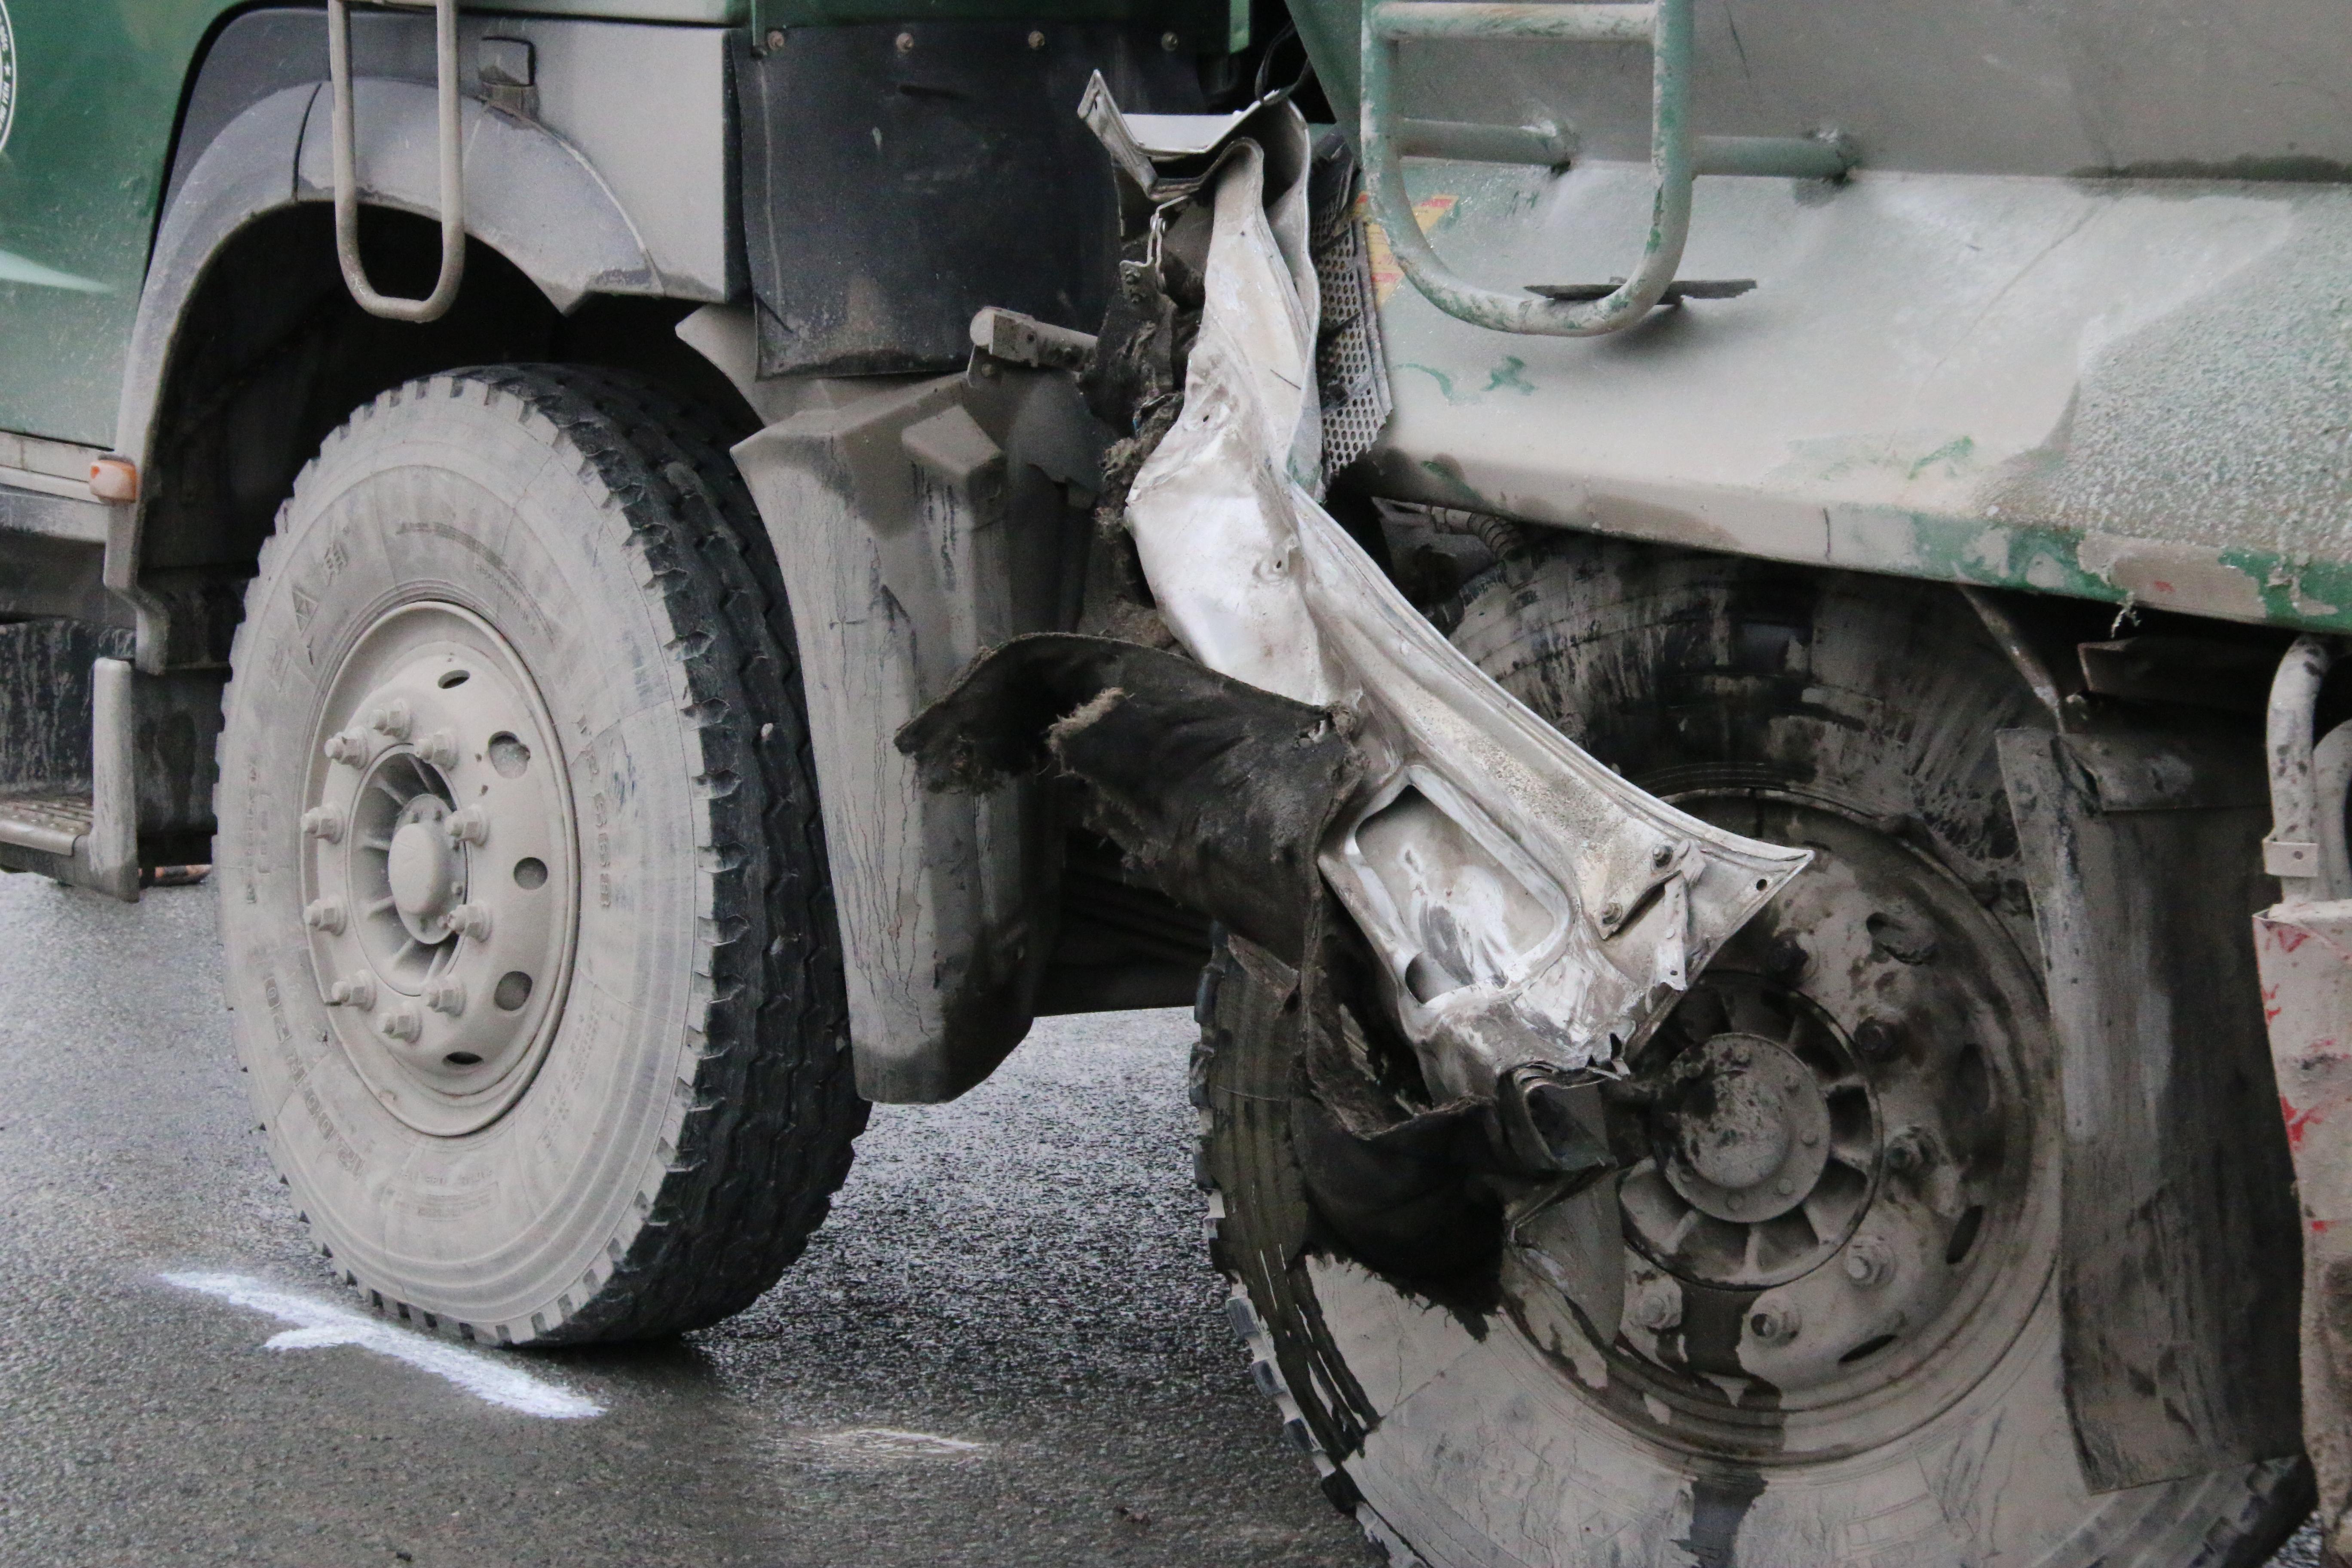 Chùm ảnh: Hiện trường vụ xe đón dâu đâm vào xe tải khiến 3 người thiệt mạng, 16 người khác bị thương - Ảnh 7.